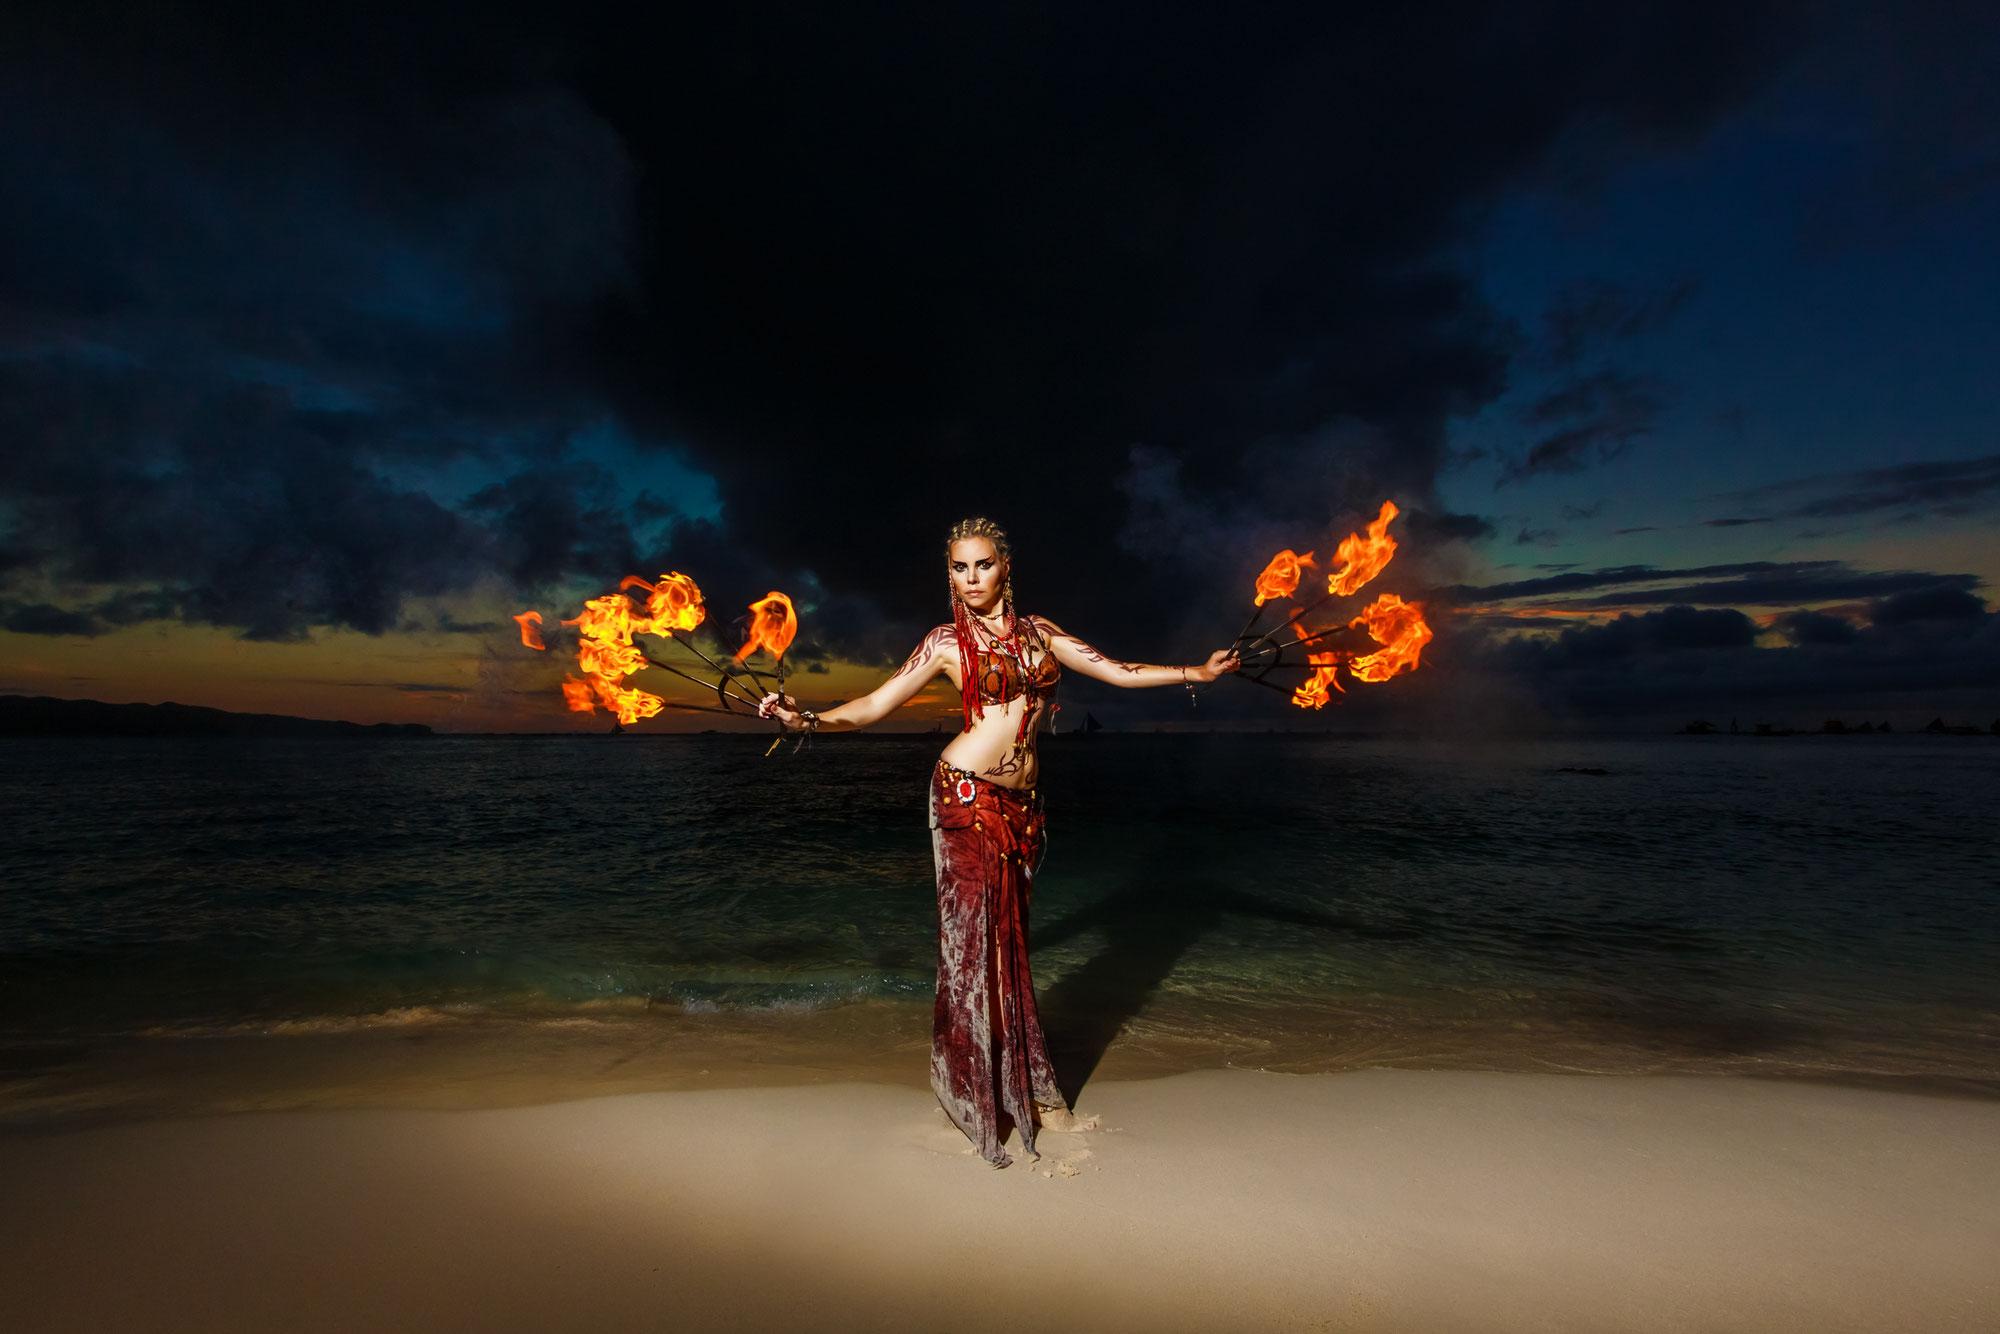 De verkettering van het vrouwelijk vuur ♥ Eveline van Dongen ♥ Lichtwerkers Nederland